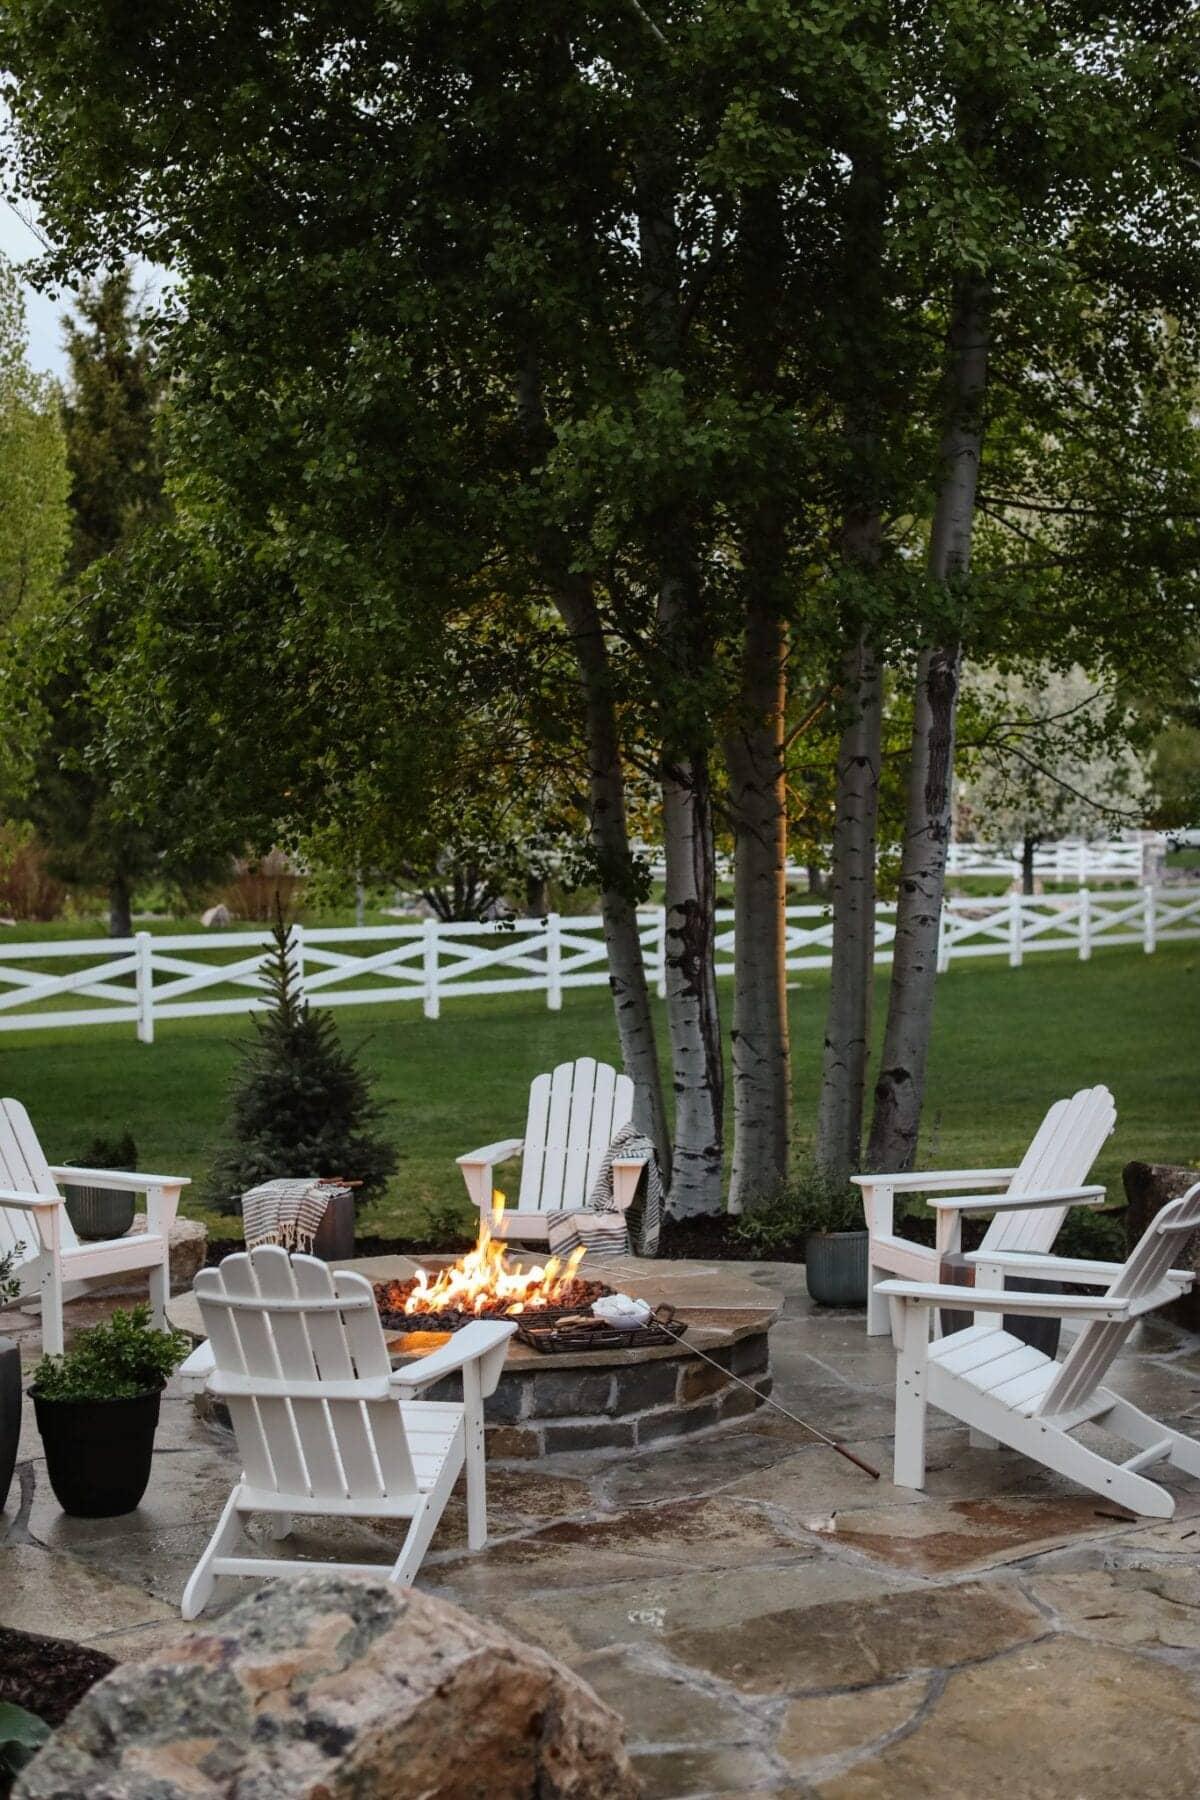 backyard fire pit with adirondack chairs